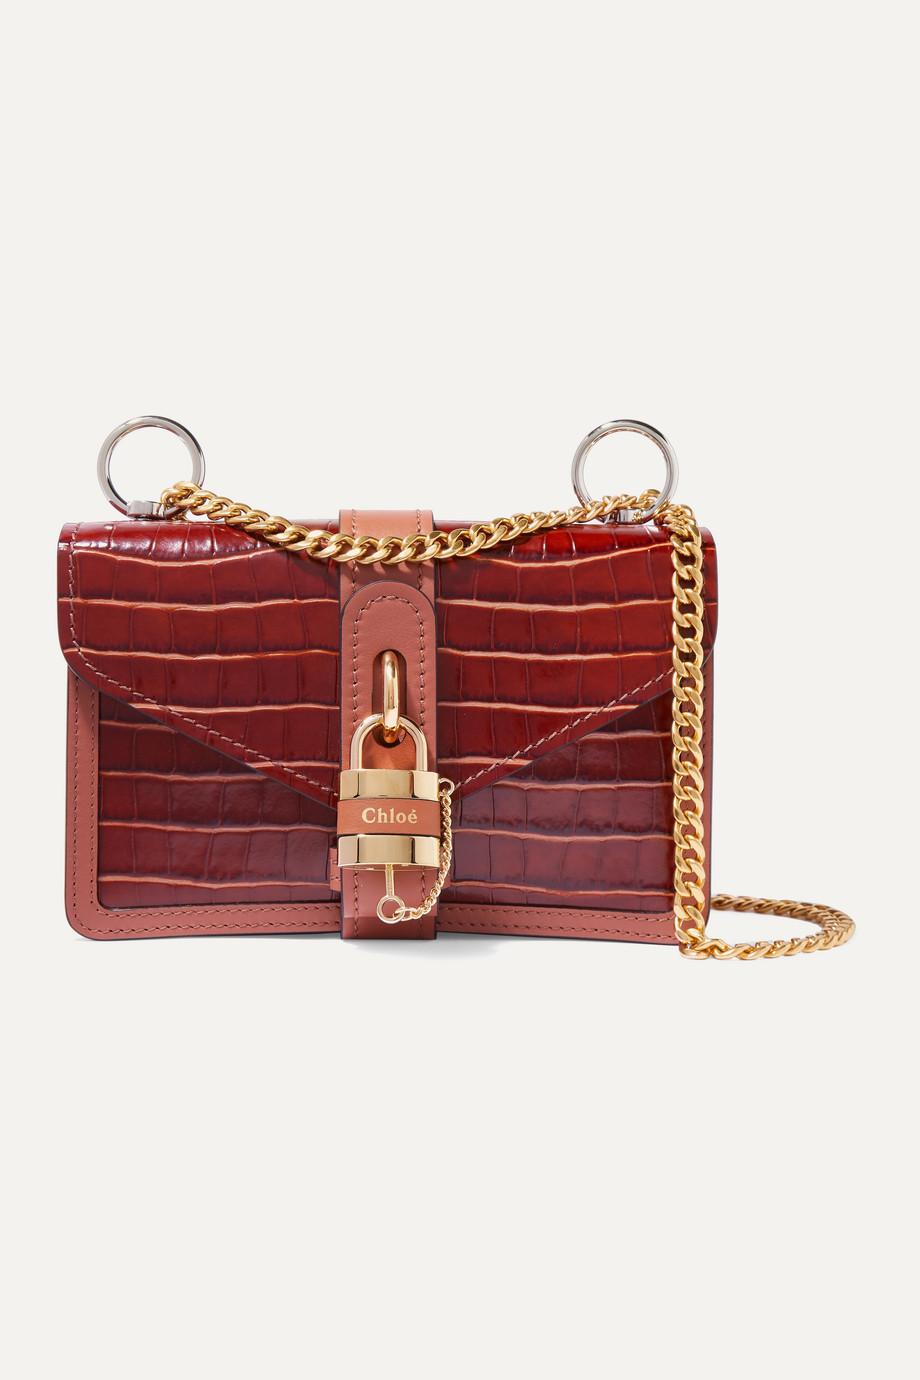 끌로에 애비 체인 숄더백 스몰 - 브라운 Chloe Aby Chain small croc-effect leather shoulder bag,Brown